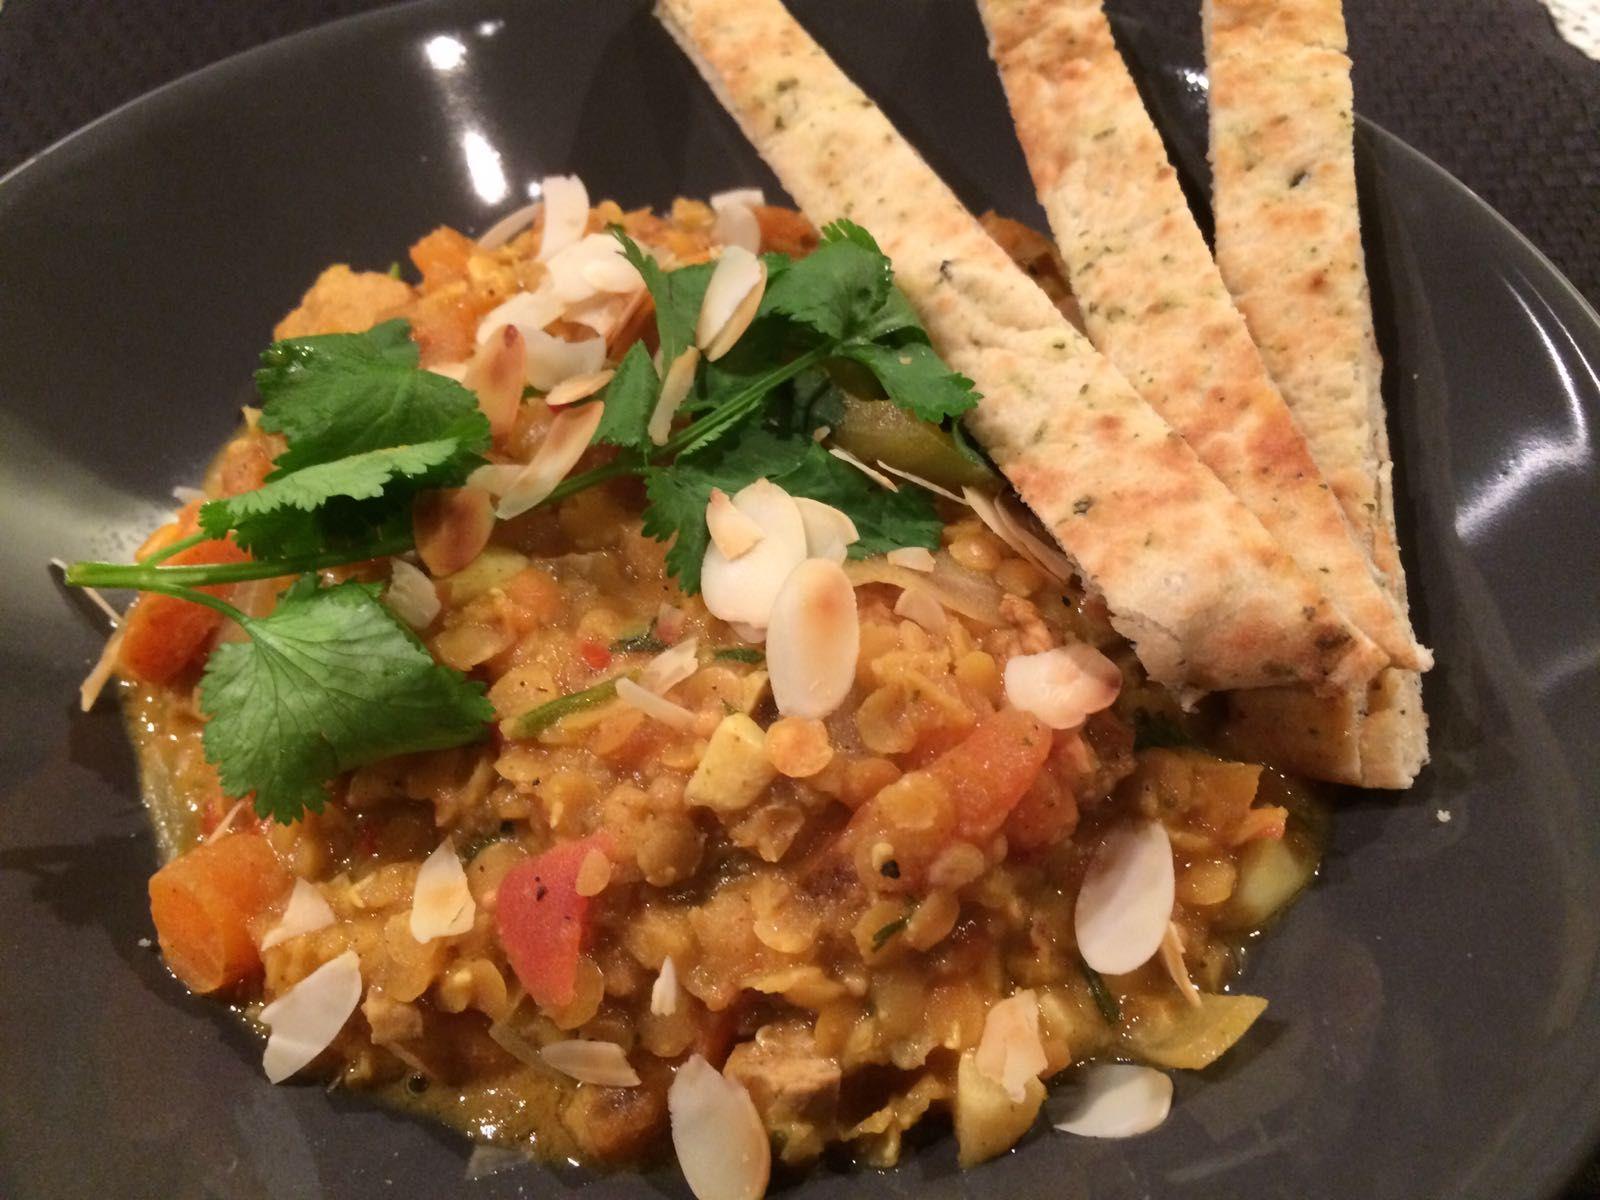 Met dit linzencurry recept maak je de heerlijkste curry gewoon zelf. Je kan hem maken als linzencurry met kip of als een vegetarisch linzencurry recept.